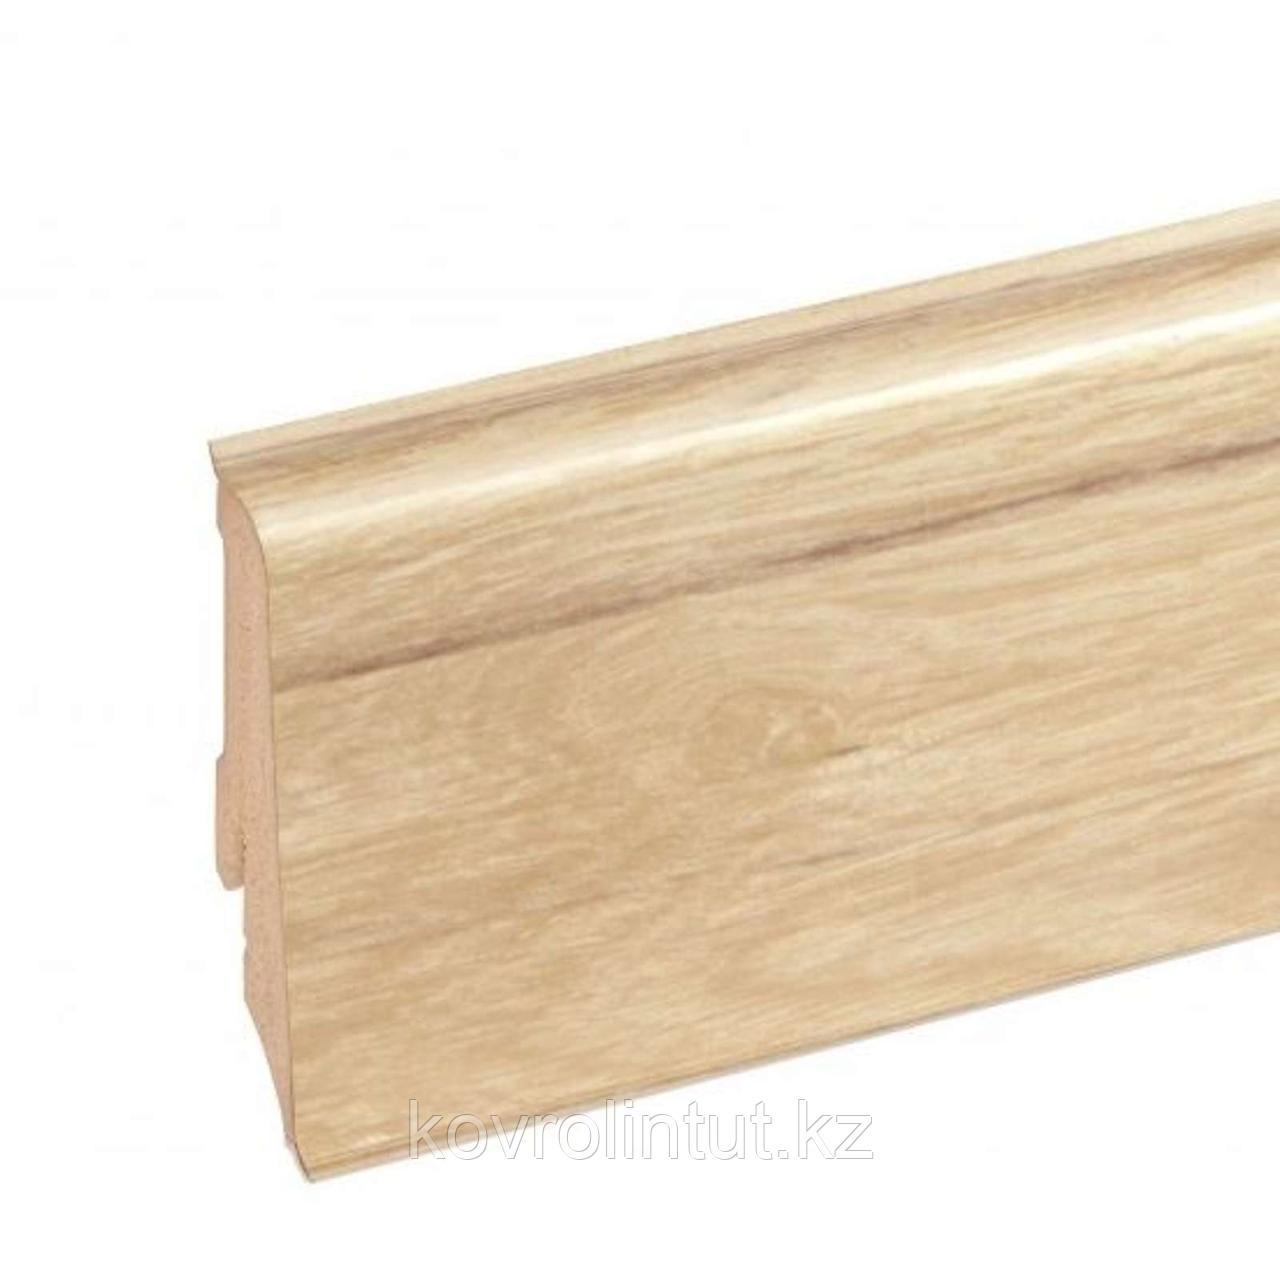 Плинтус композитный для LVT Neuhofer Holz, K0210L, 714465, 2400х59х17 мм